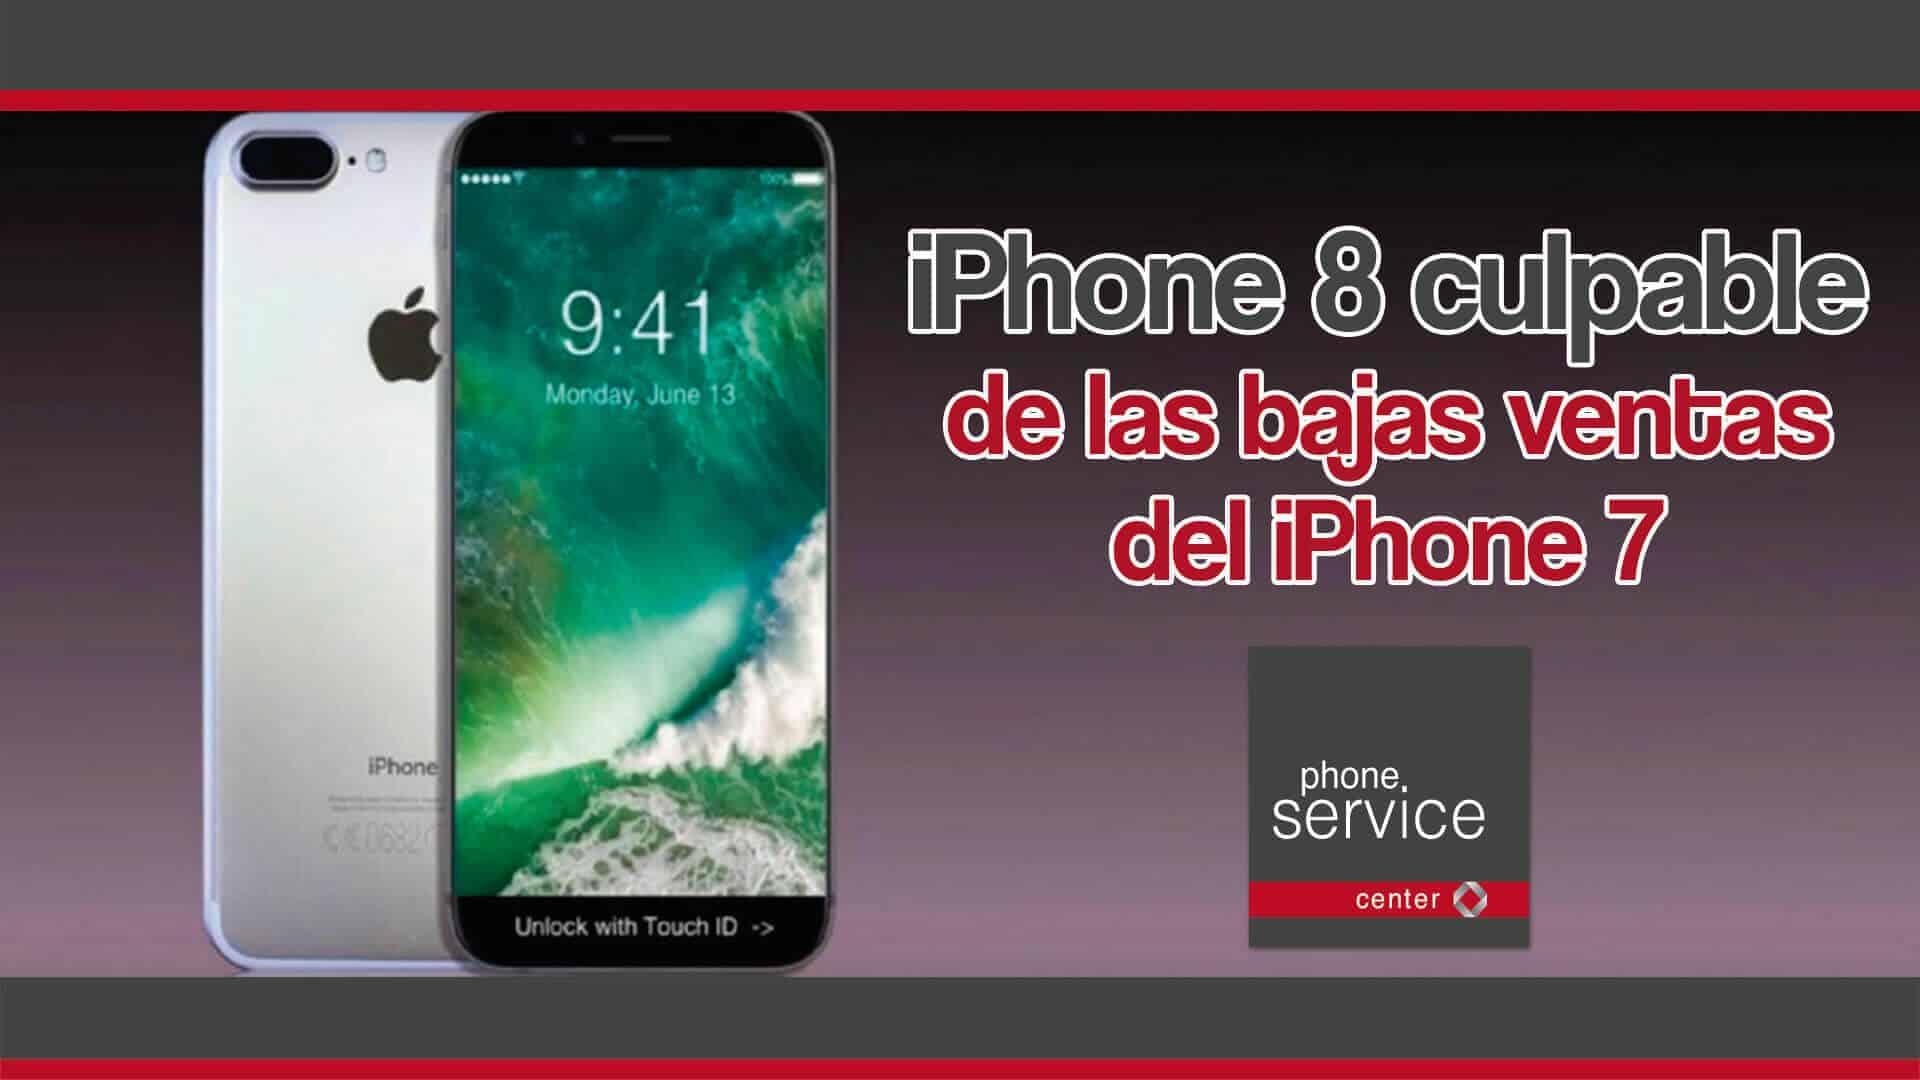 iPhone 8 culpable de las bajas ventas del iPhone 7